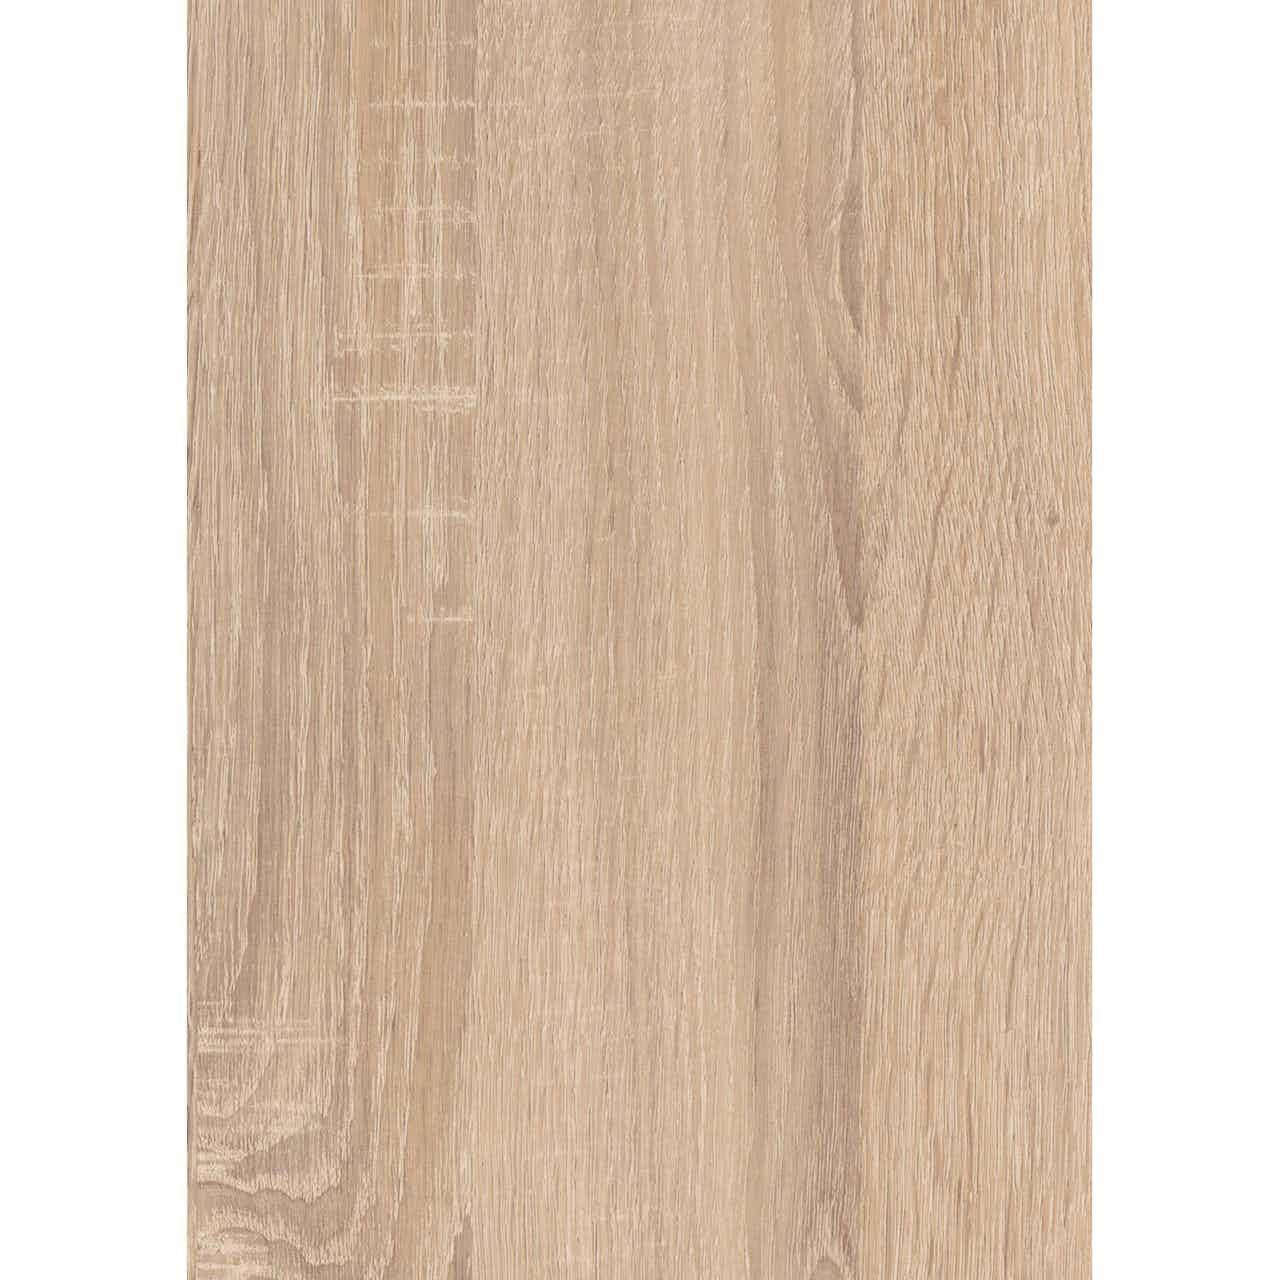 CPL-Arbeitsplatte 280 cm x 60 cm x 2,8 cm Sonoma Eiche